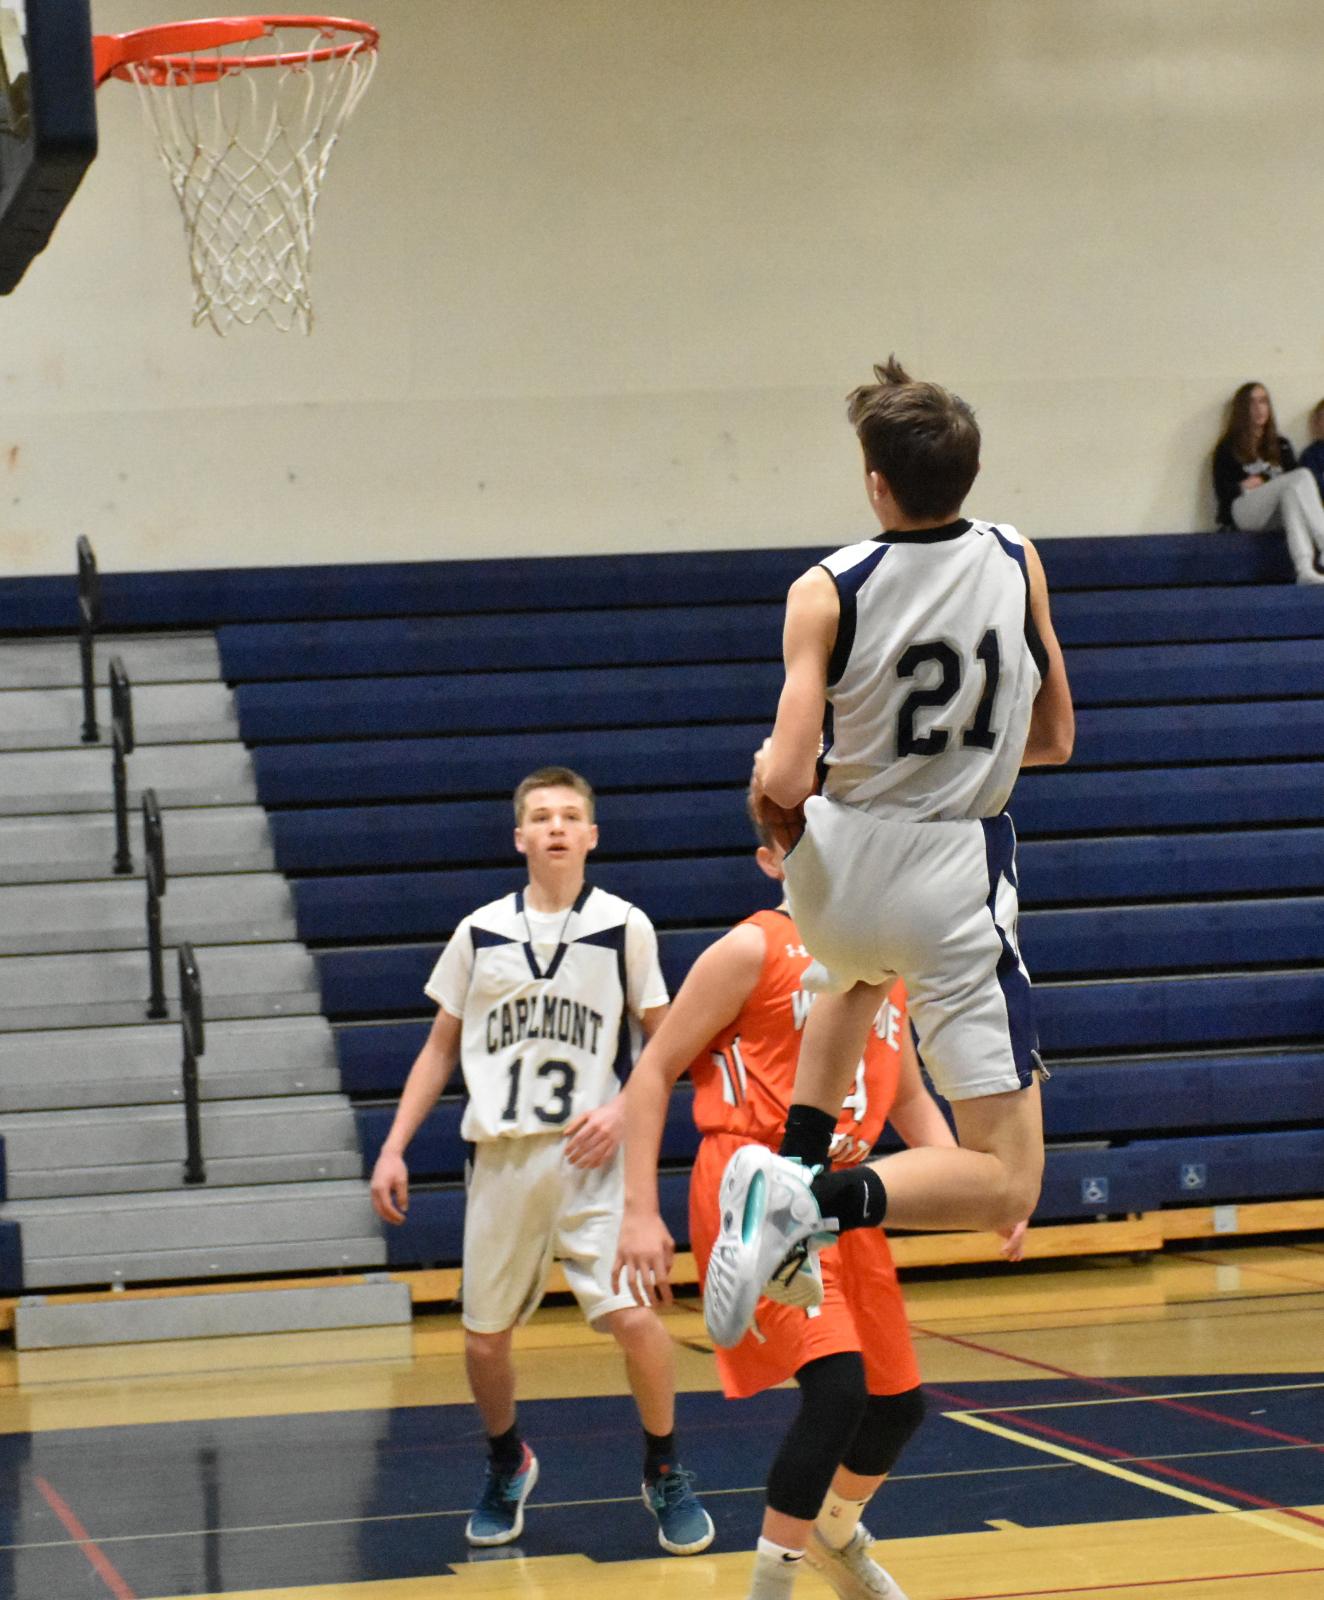 2019-20 Basketball-Boys-Frosh vs.Woodside 72-35